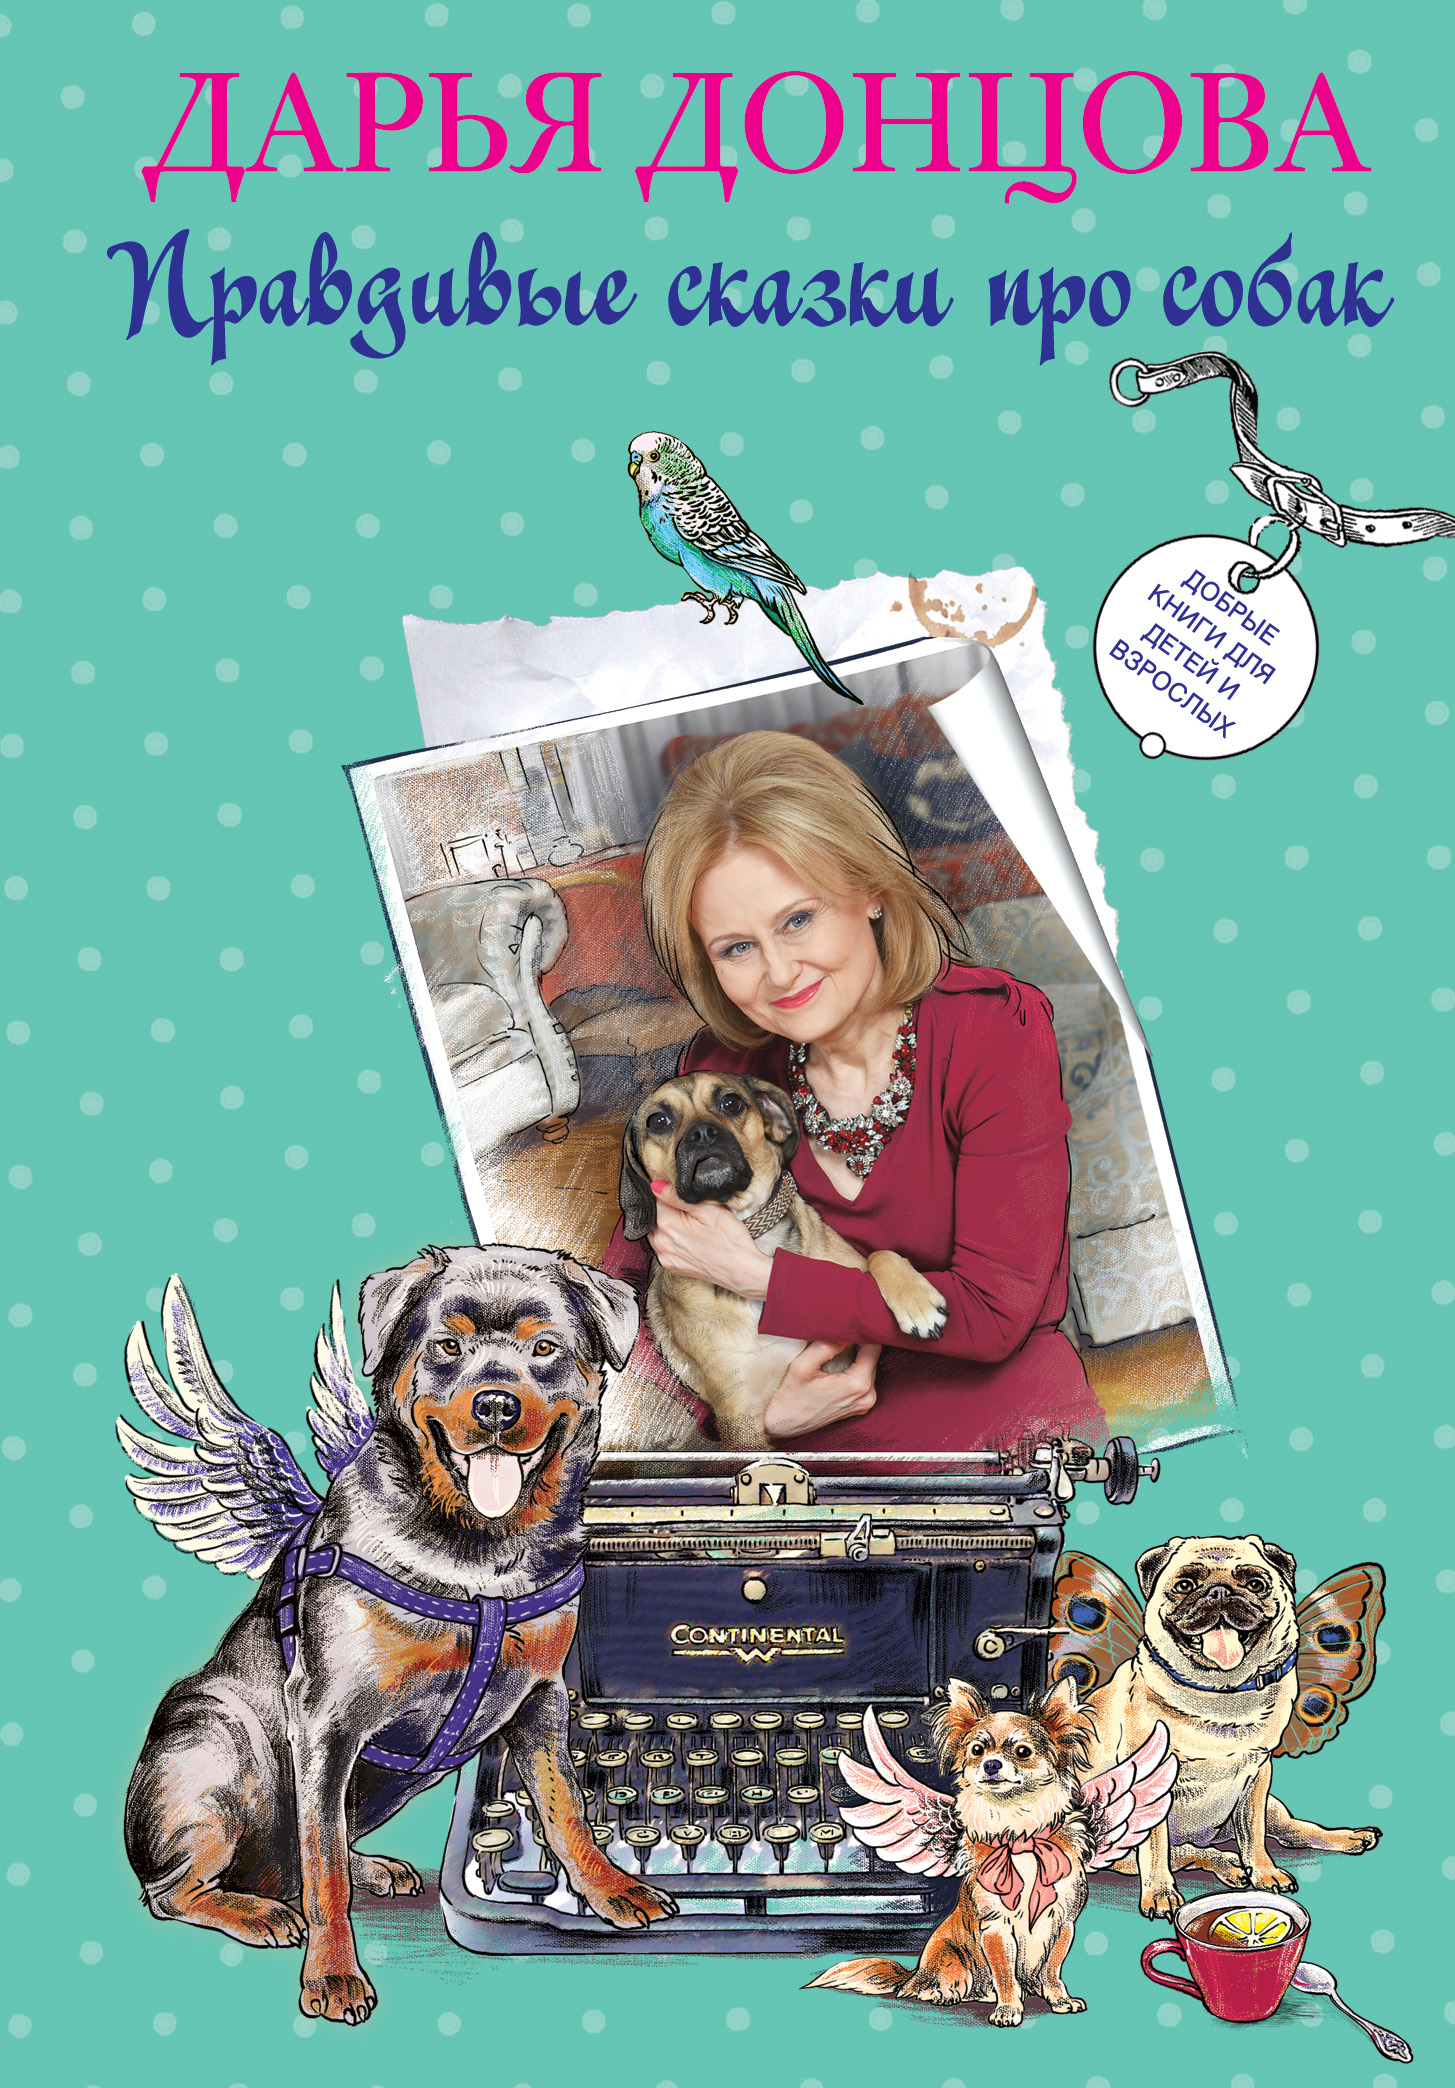 Добрые книги для детей и взрослых. Правдивые сказки про собак (сборник)